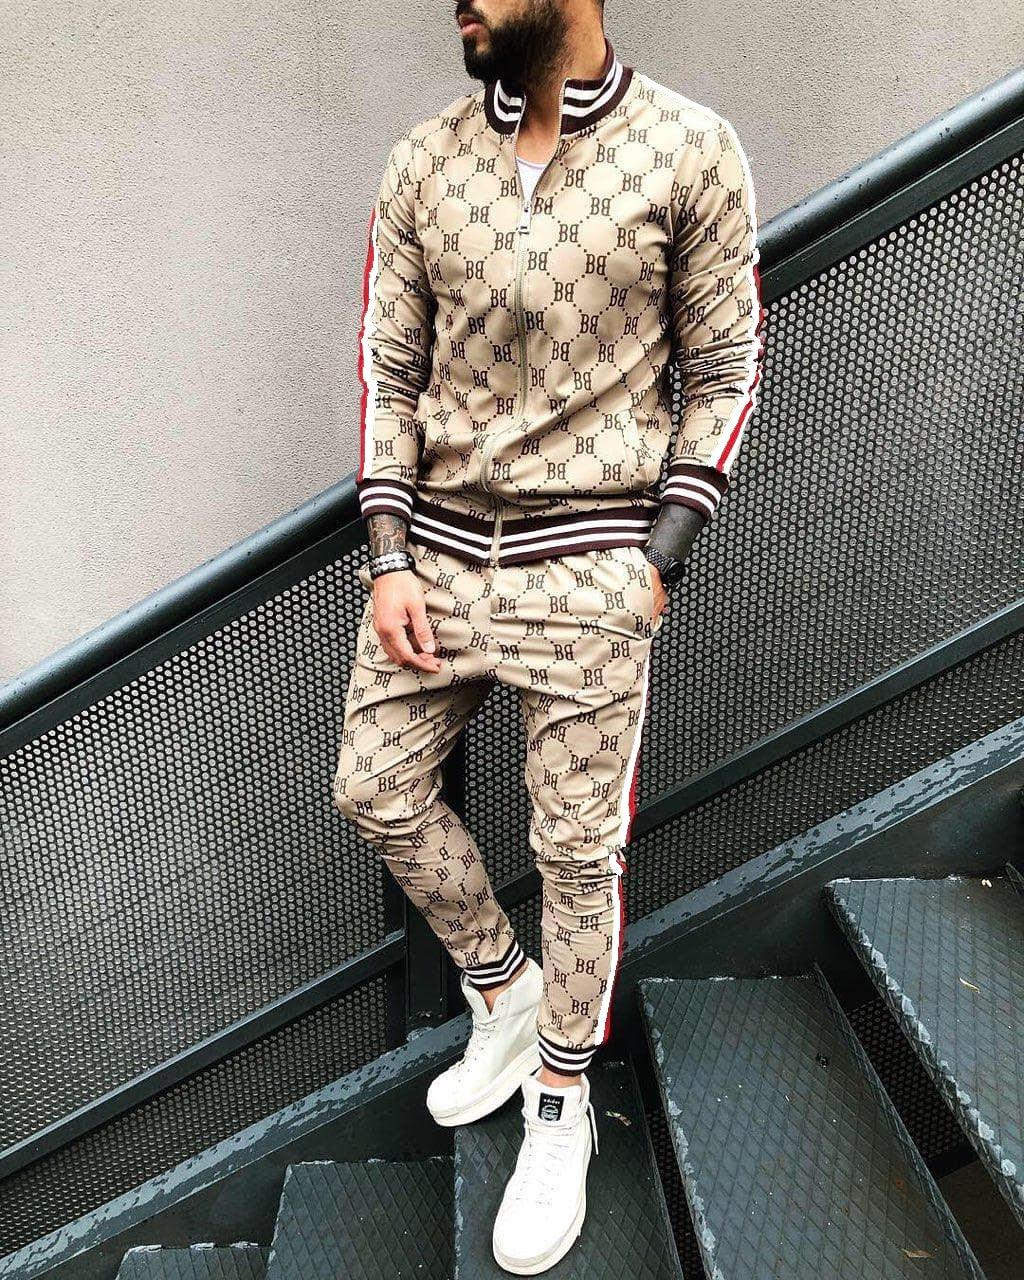 ZOGAA 2021 New Hooded Sportswear+Sports Pants Two-piece 3D Printing Suit Casual Fitness Sportswear Thin Streetwear Men Clothing